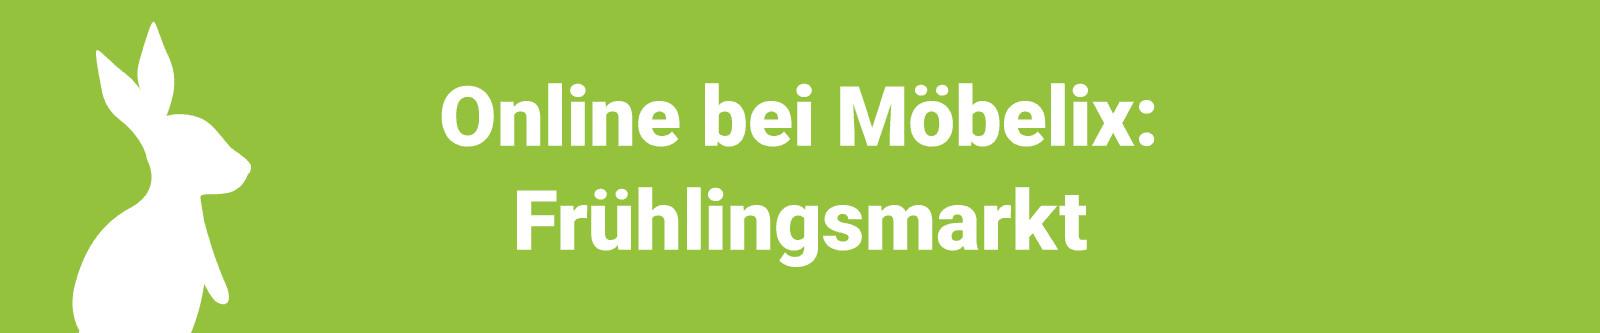 tfm_fruehlingsmarkt_2020